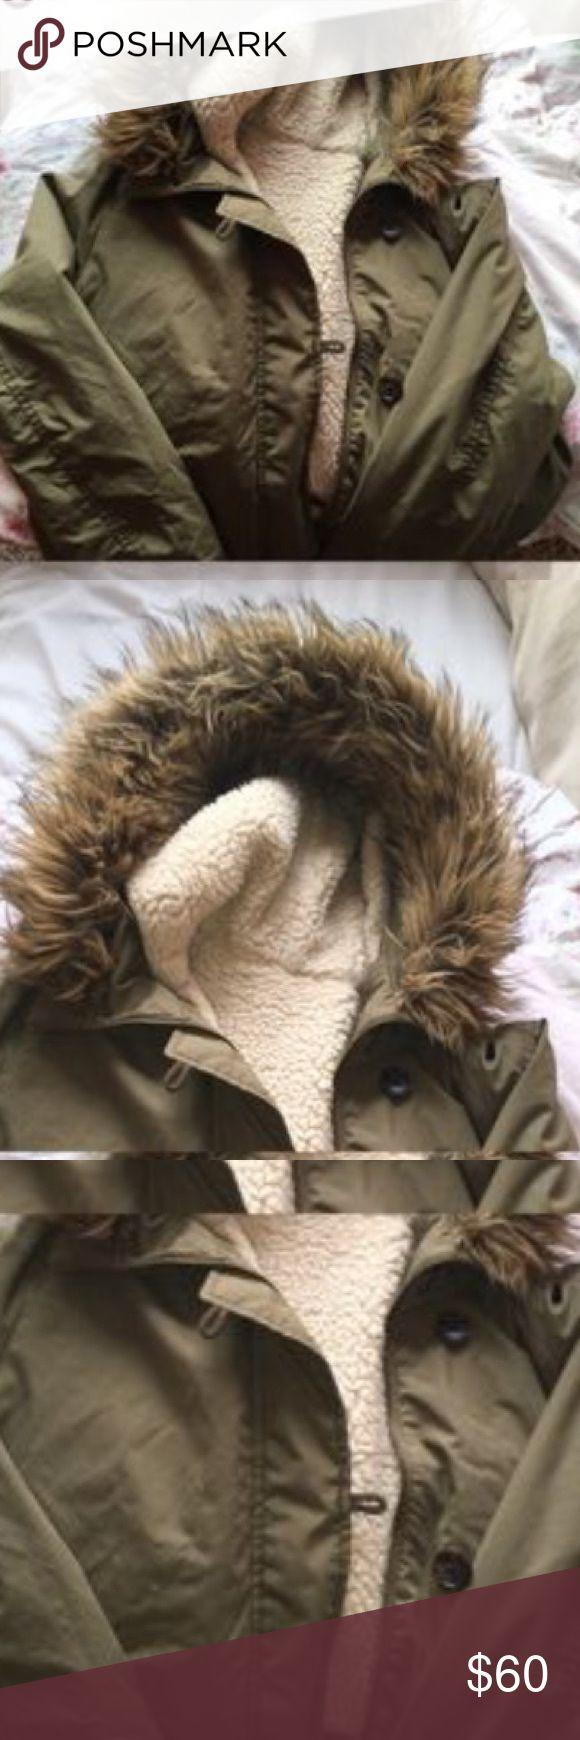 Uniqlo green utility jacket Worn a few times. It's small on me now. It's warm as it has a fleece lining inside. Uniqlo Jackets & Coats Utility Jackets